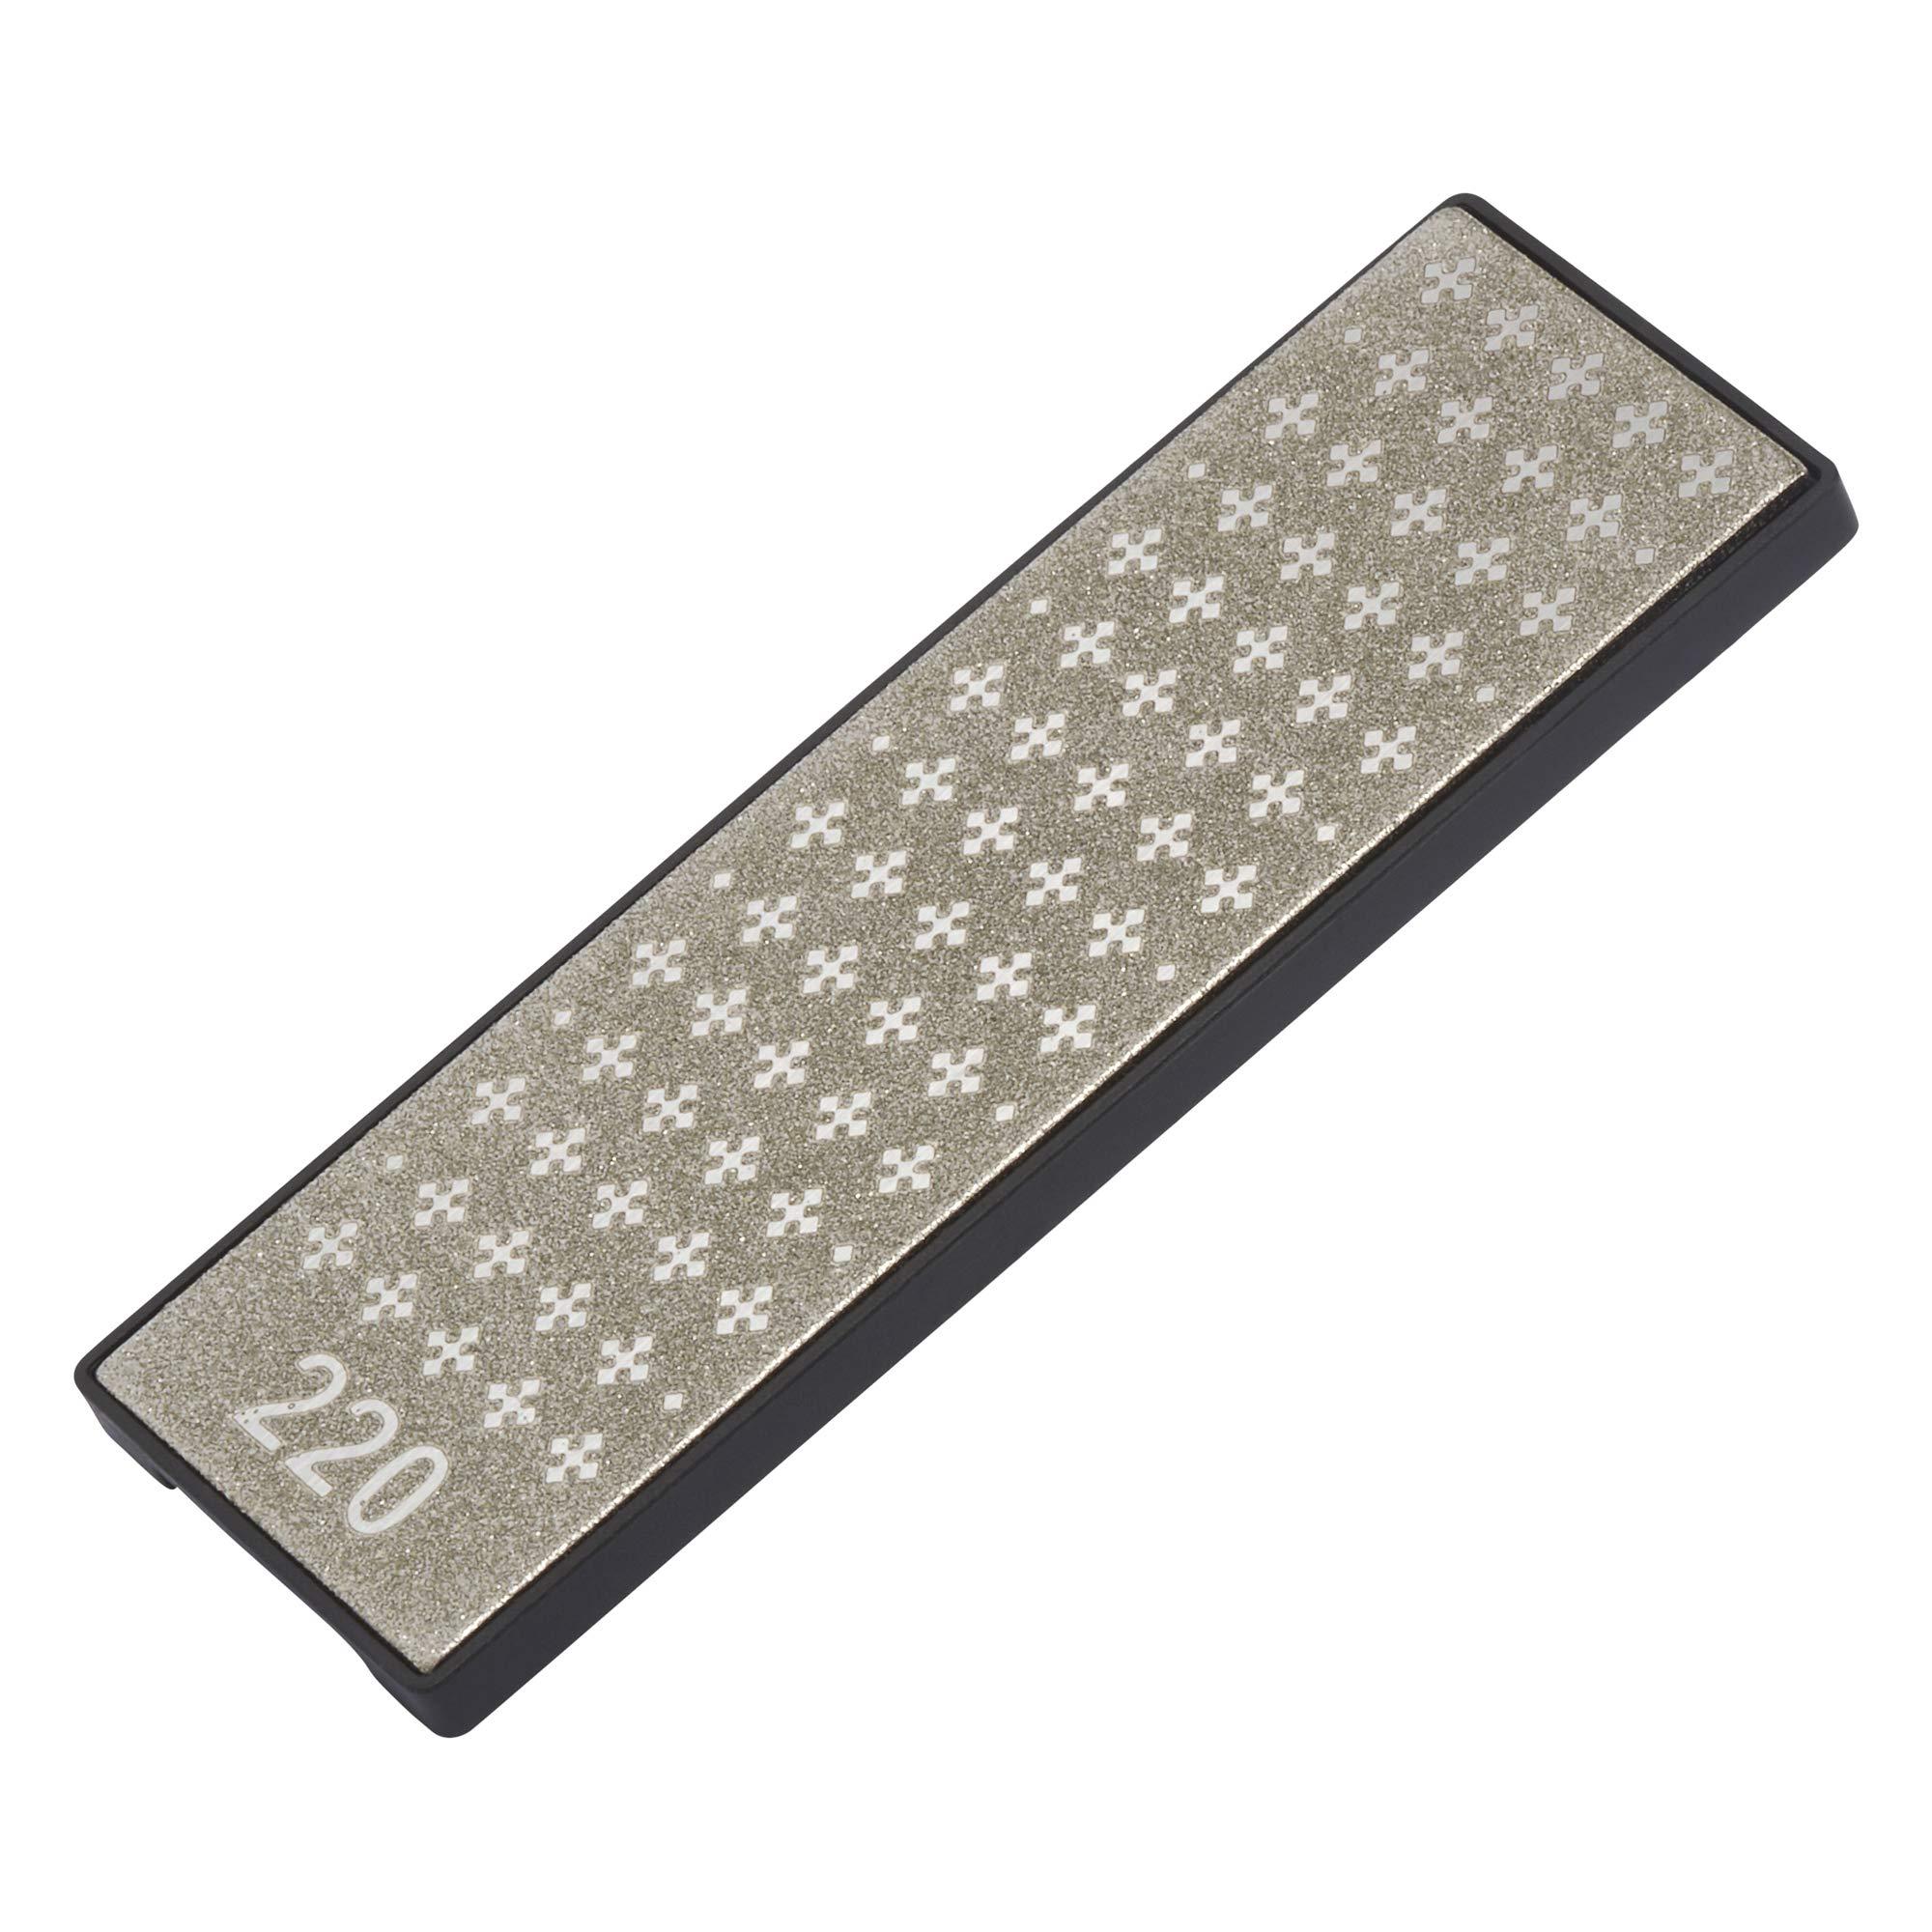 30 x 5 x 5 cm Black//Silver Victorinox Duo Sharpener of Ceramic//Plastic